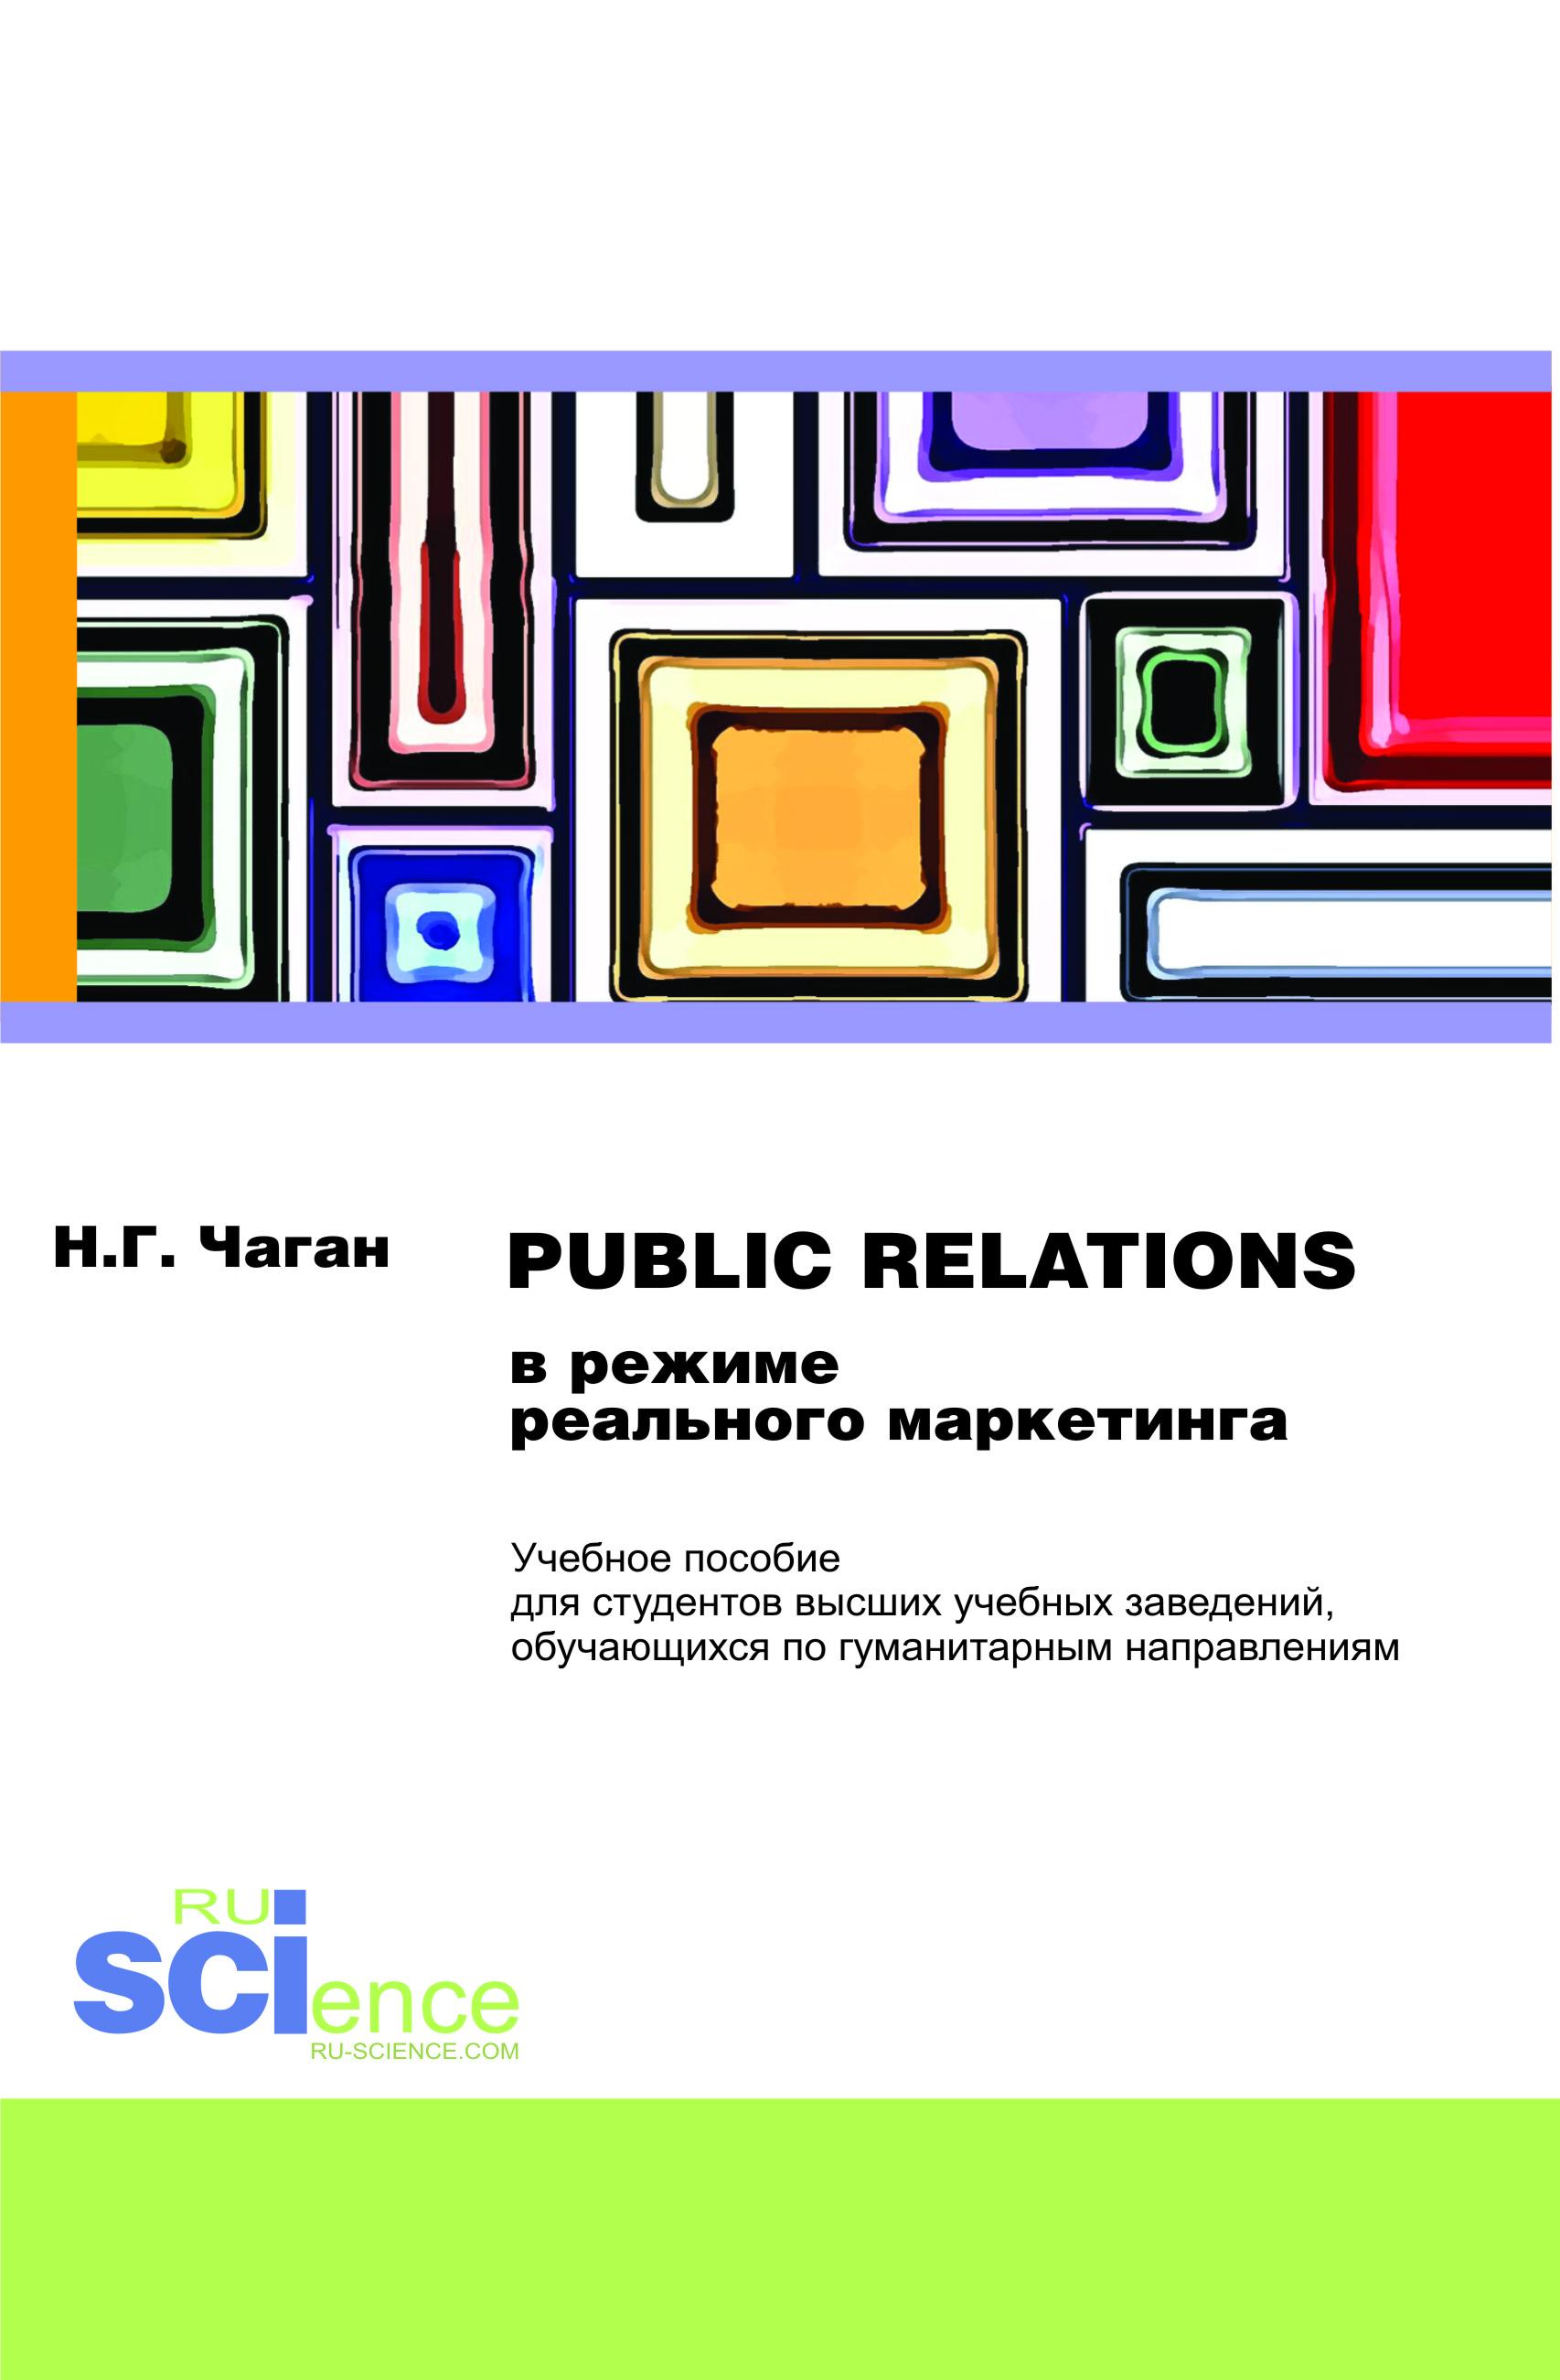 PUBLIC RELATIONS в режиме реального маркетинга. Монография